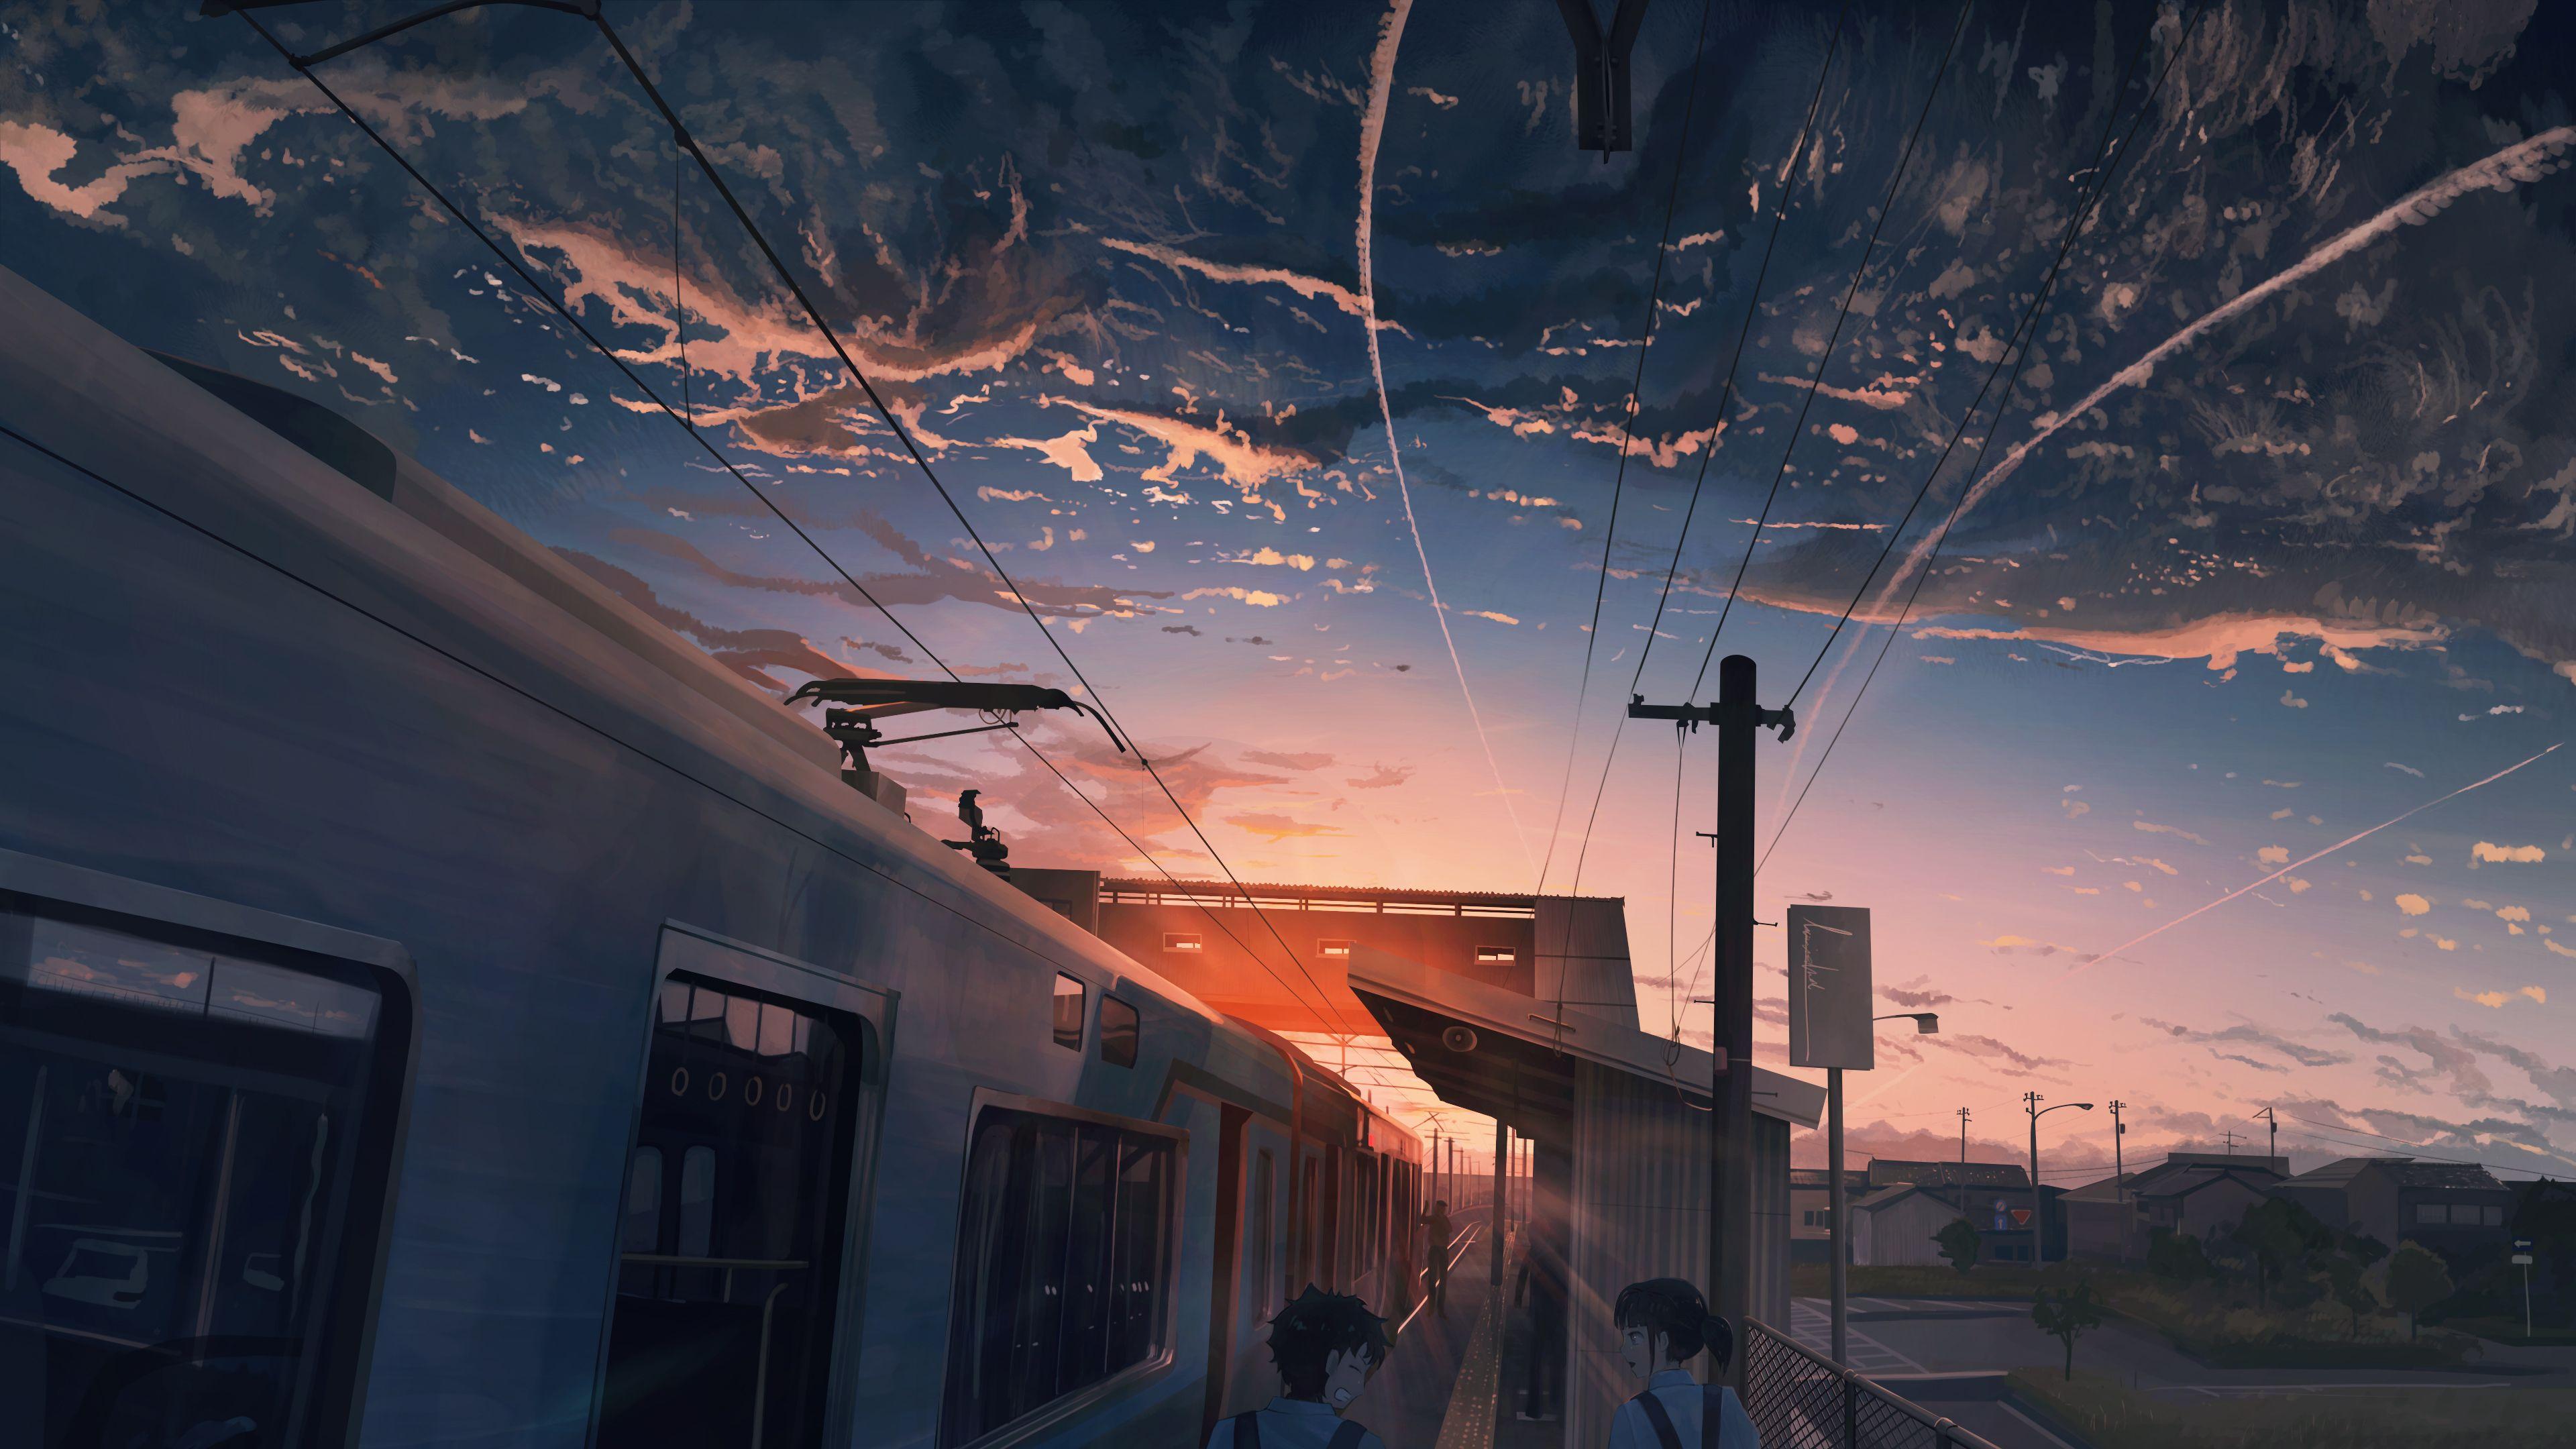 天空 夕阳 电车 动漫人物风景4k壁纸3840x2160_彼岸图网.jpg